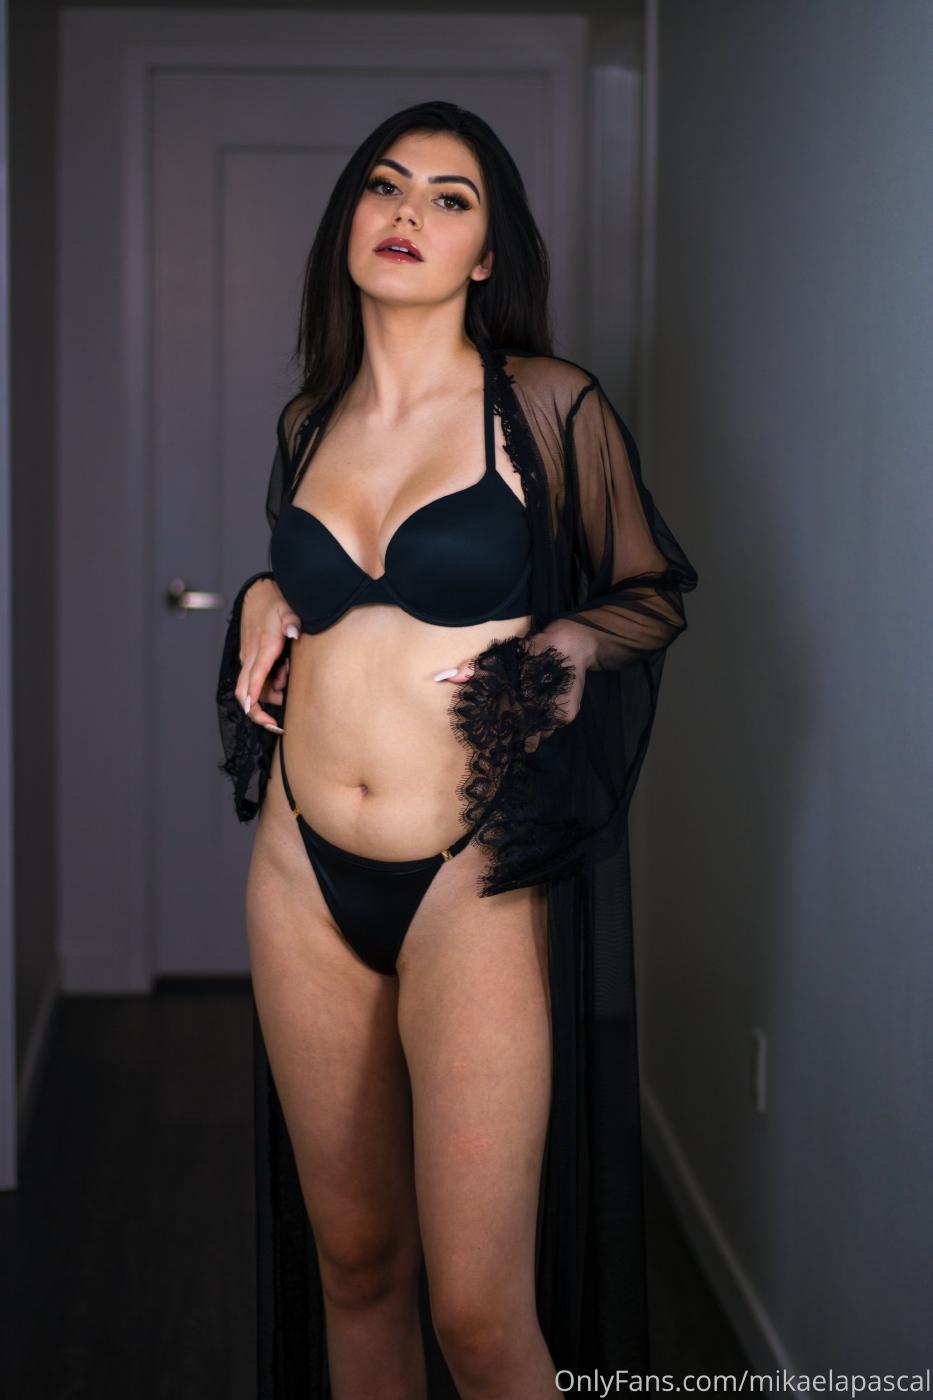 Mikaela Pascal Black Lingerie Onlyfans Set Leaked 0004